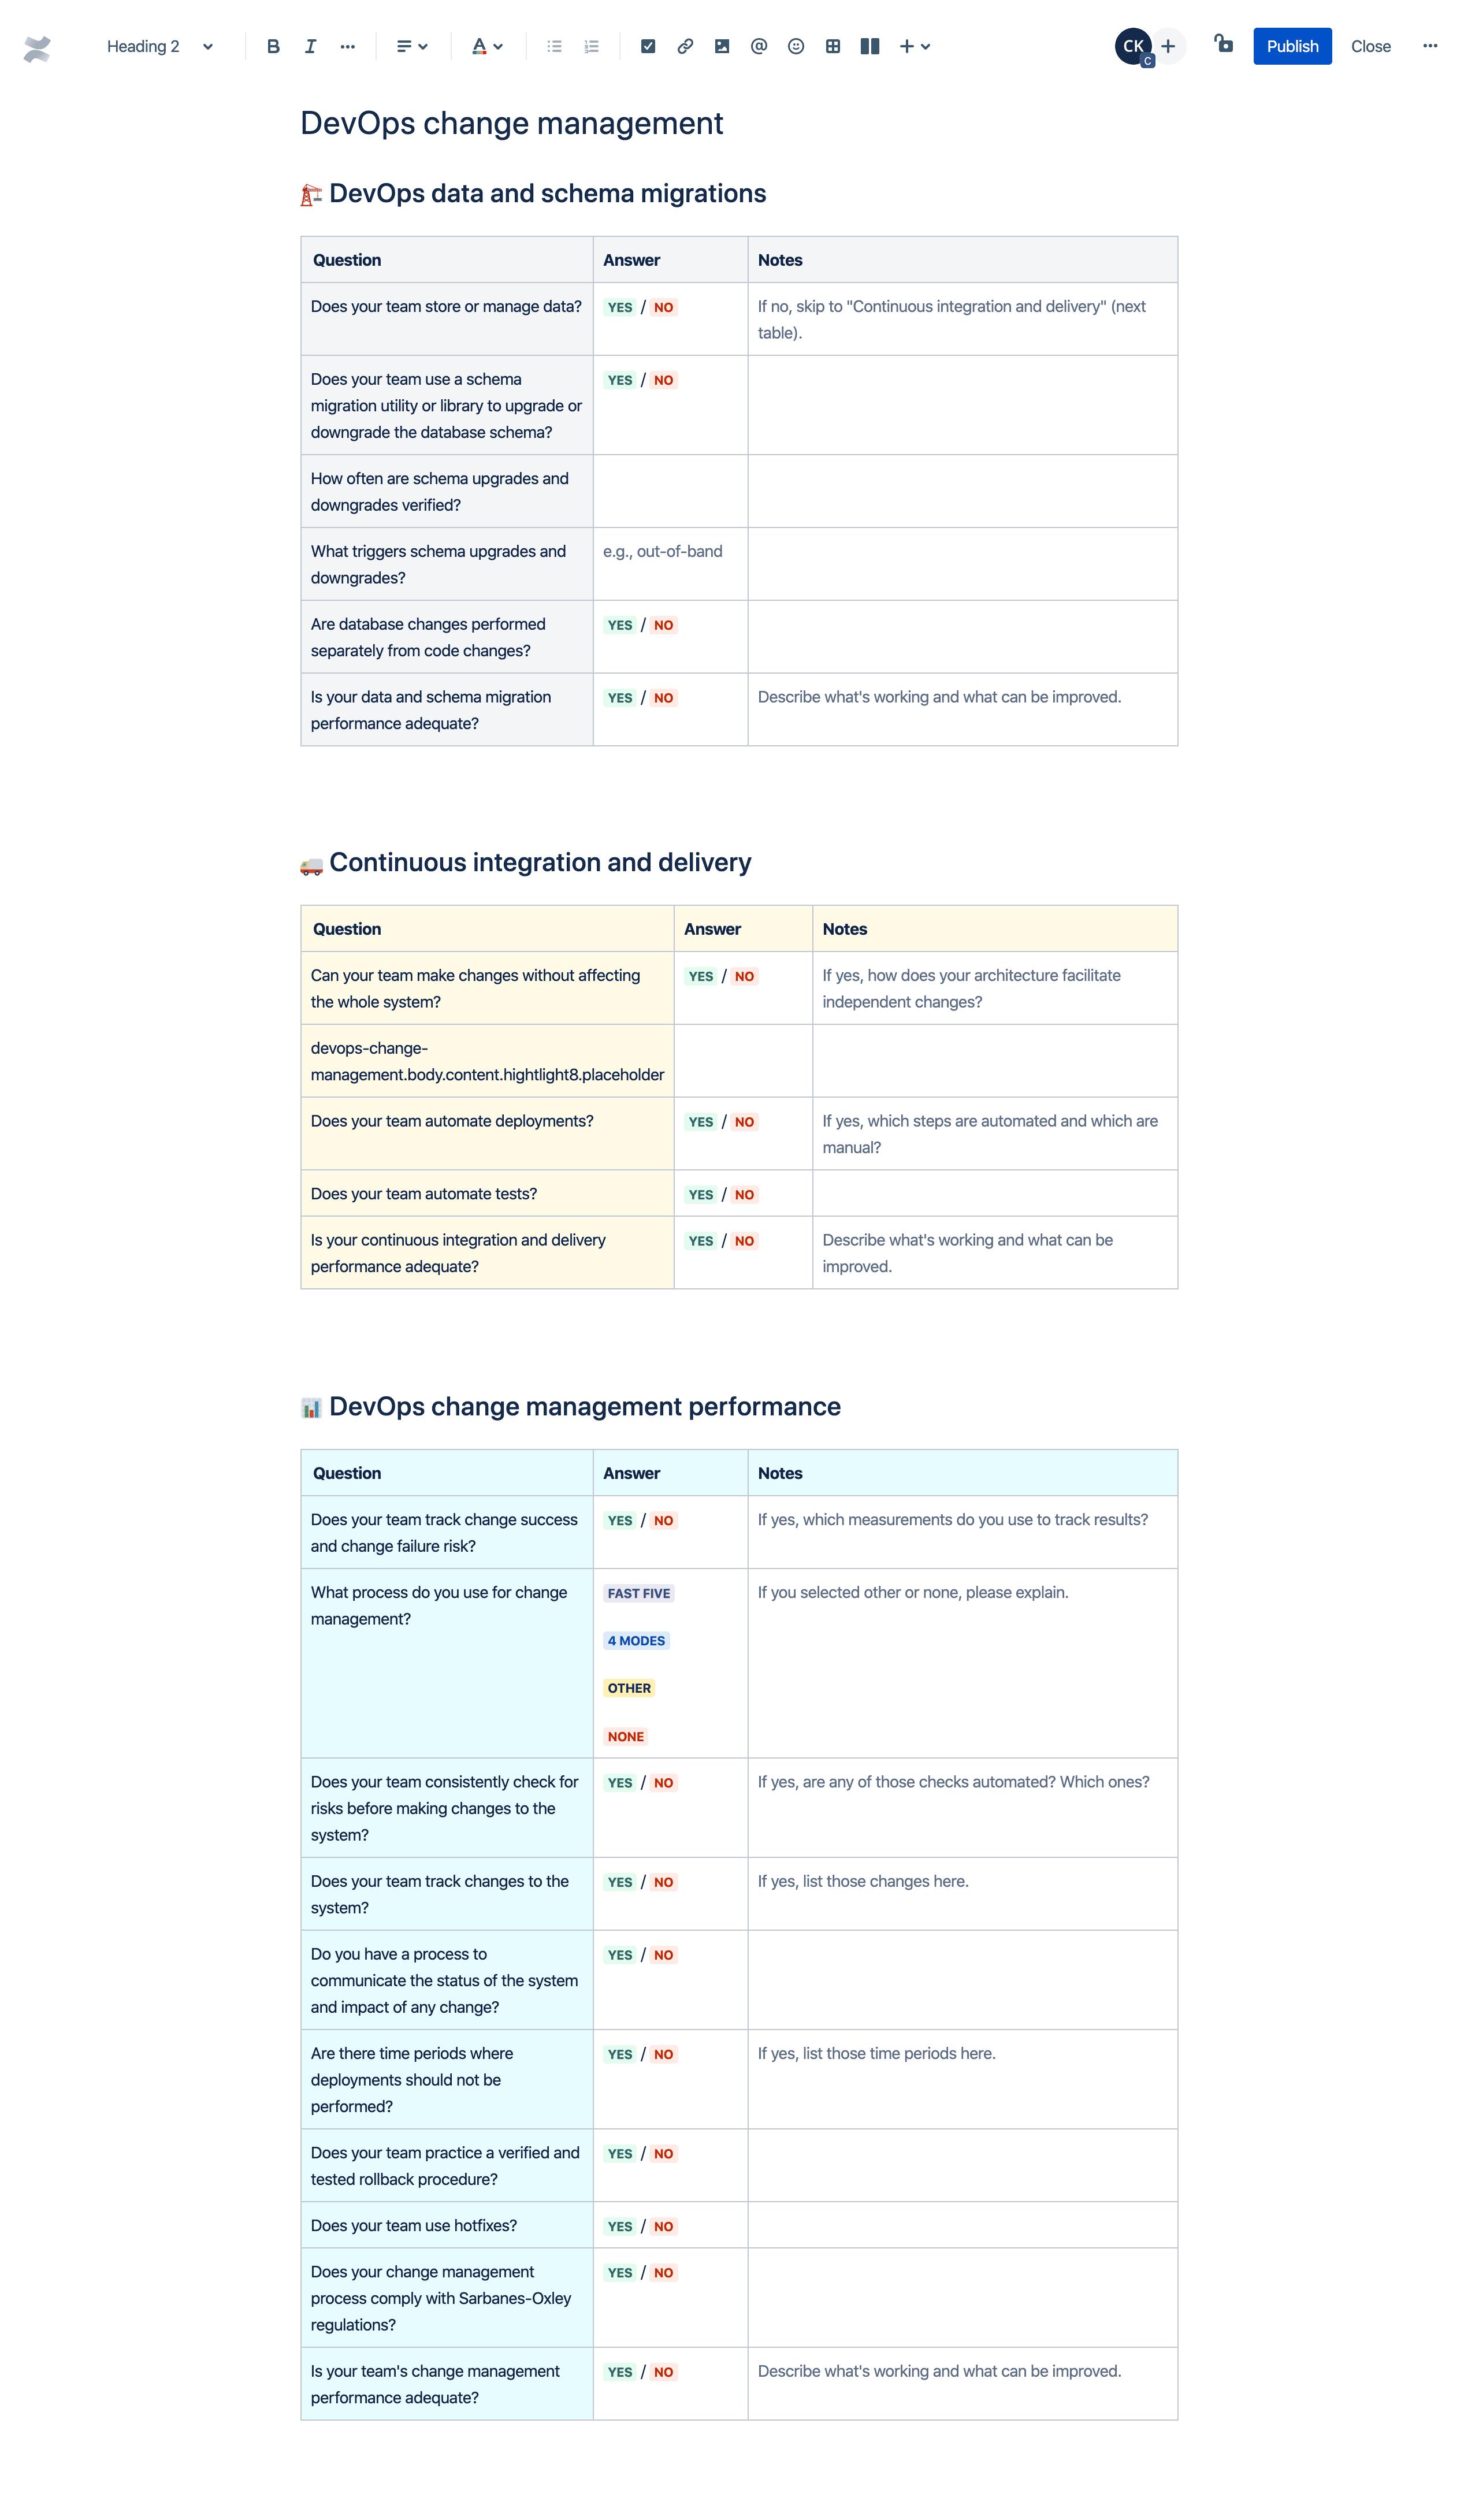 Szablon do zarządzania zmianami DevOps